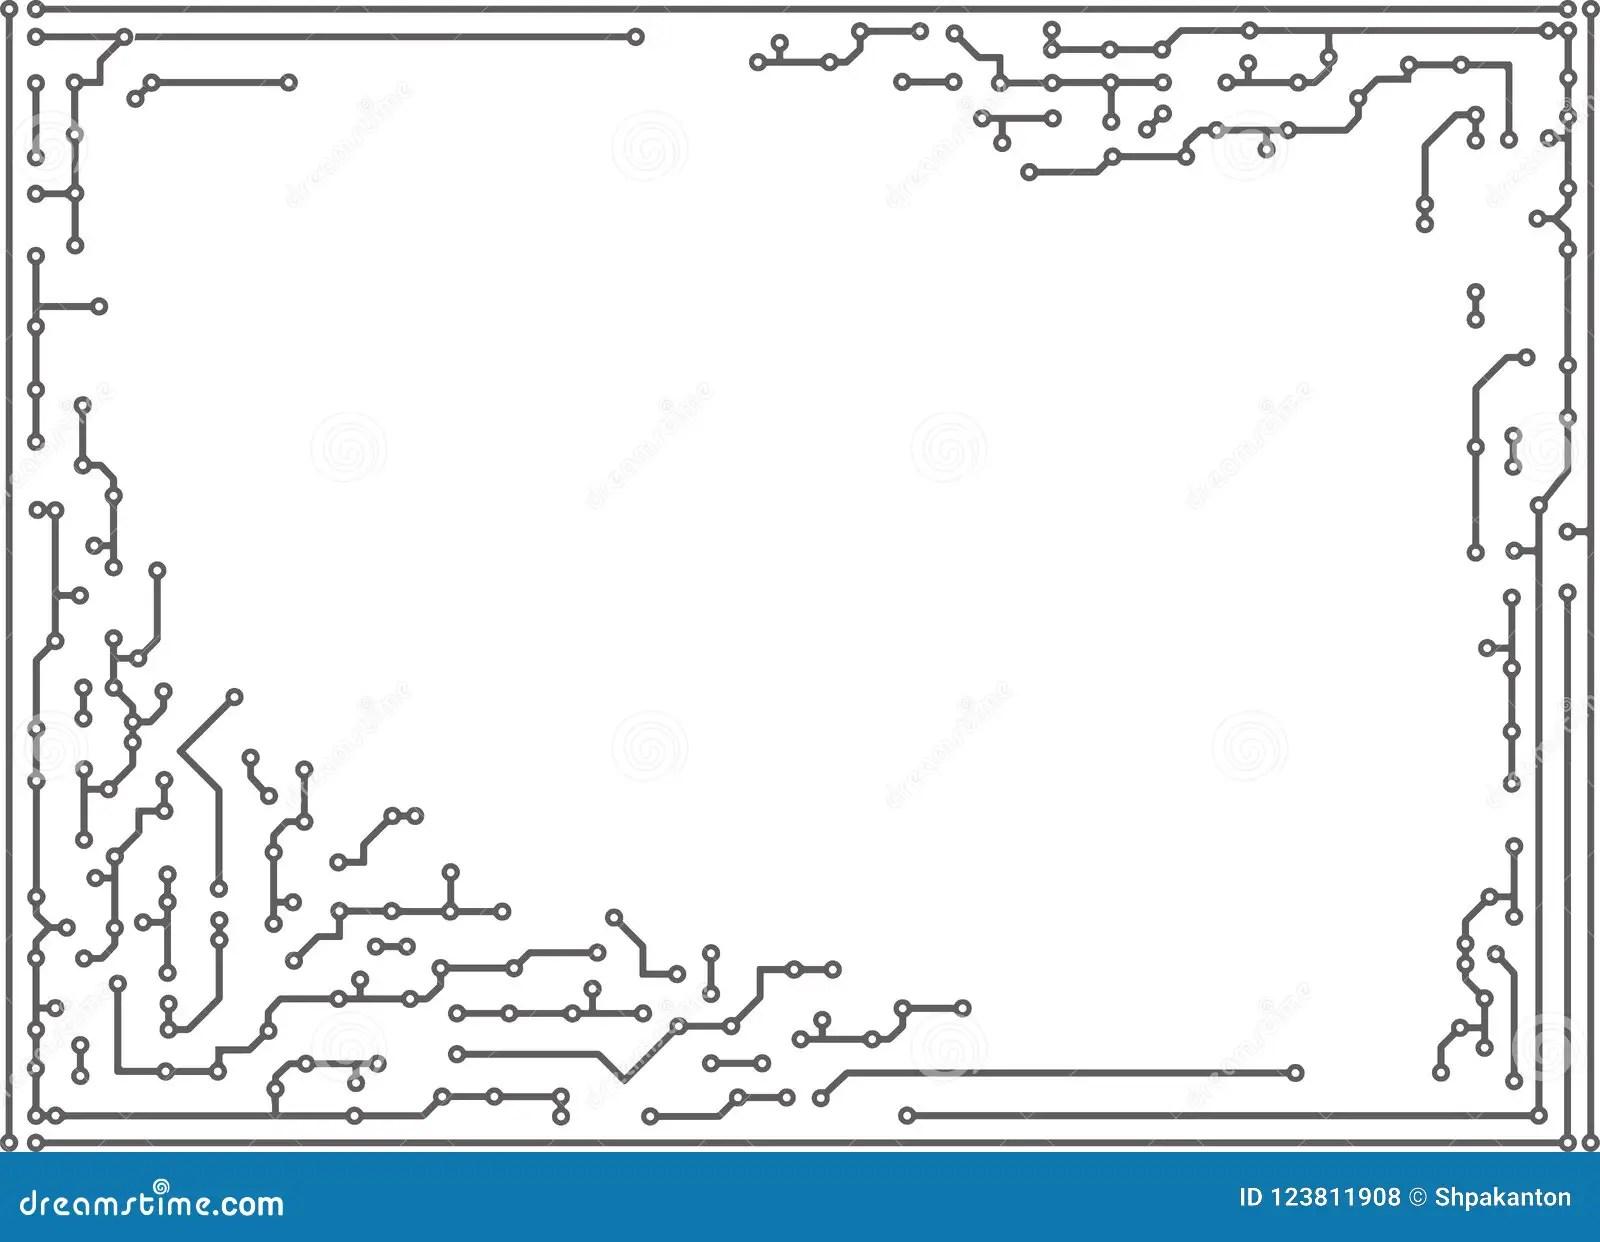 Pcb Layout Design Techniques